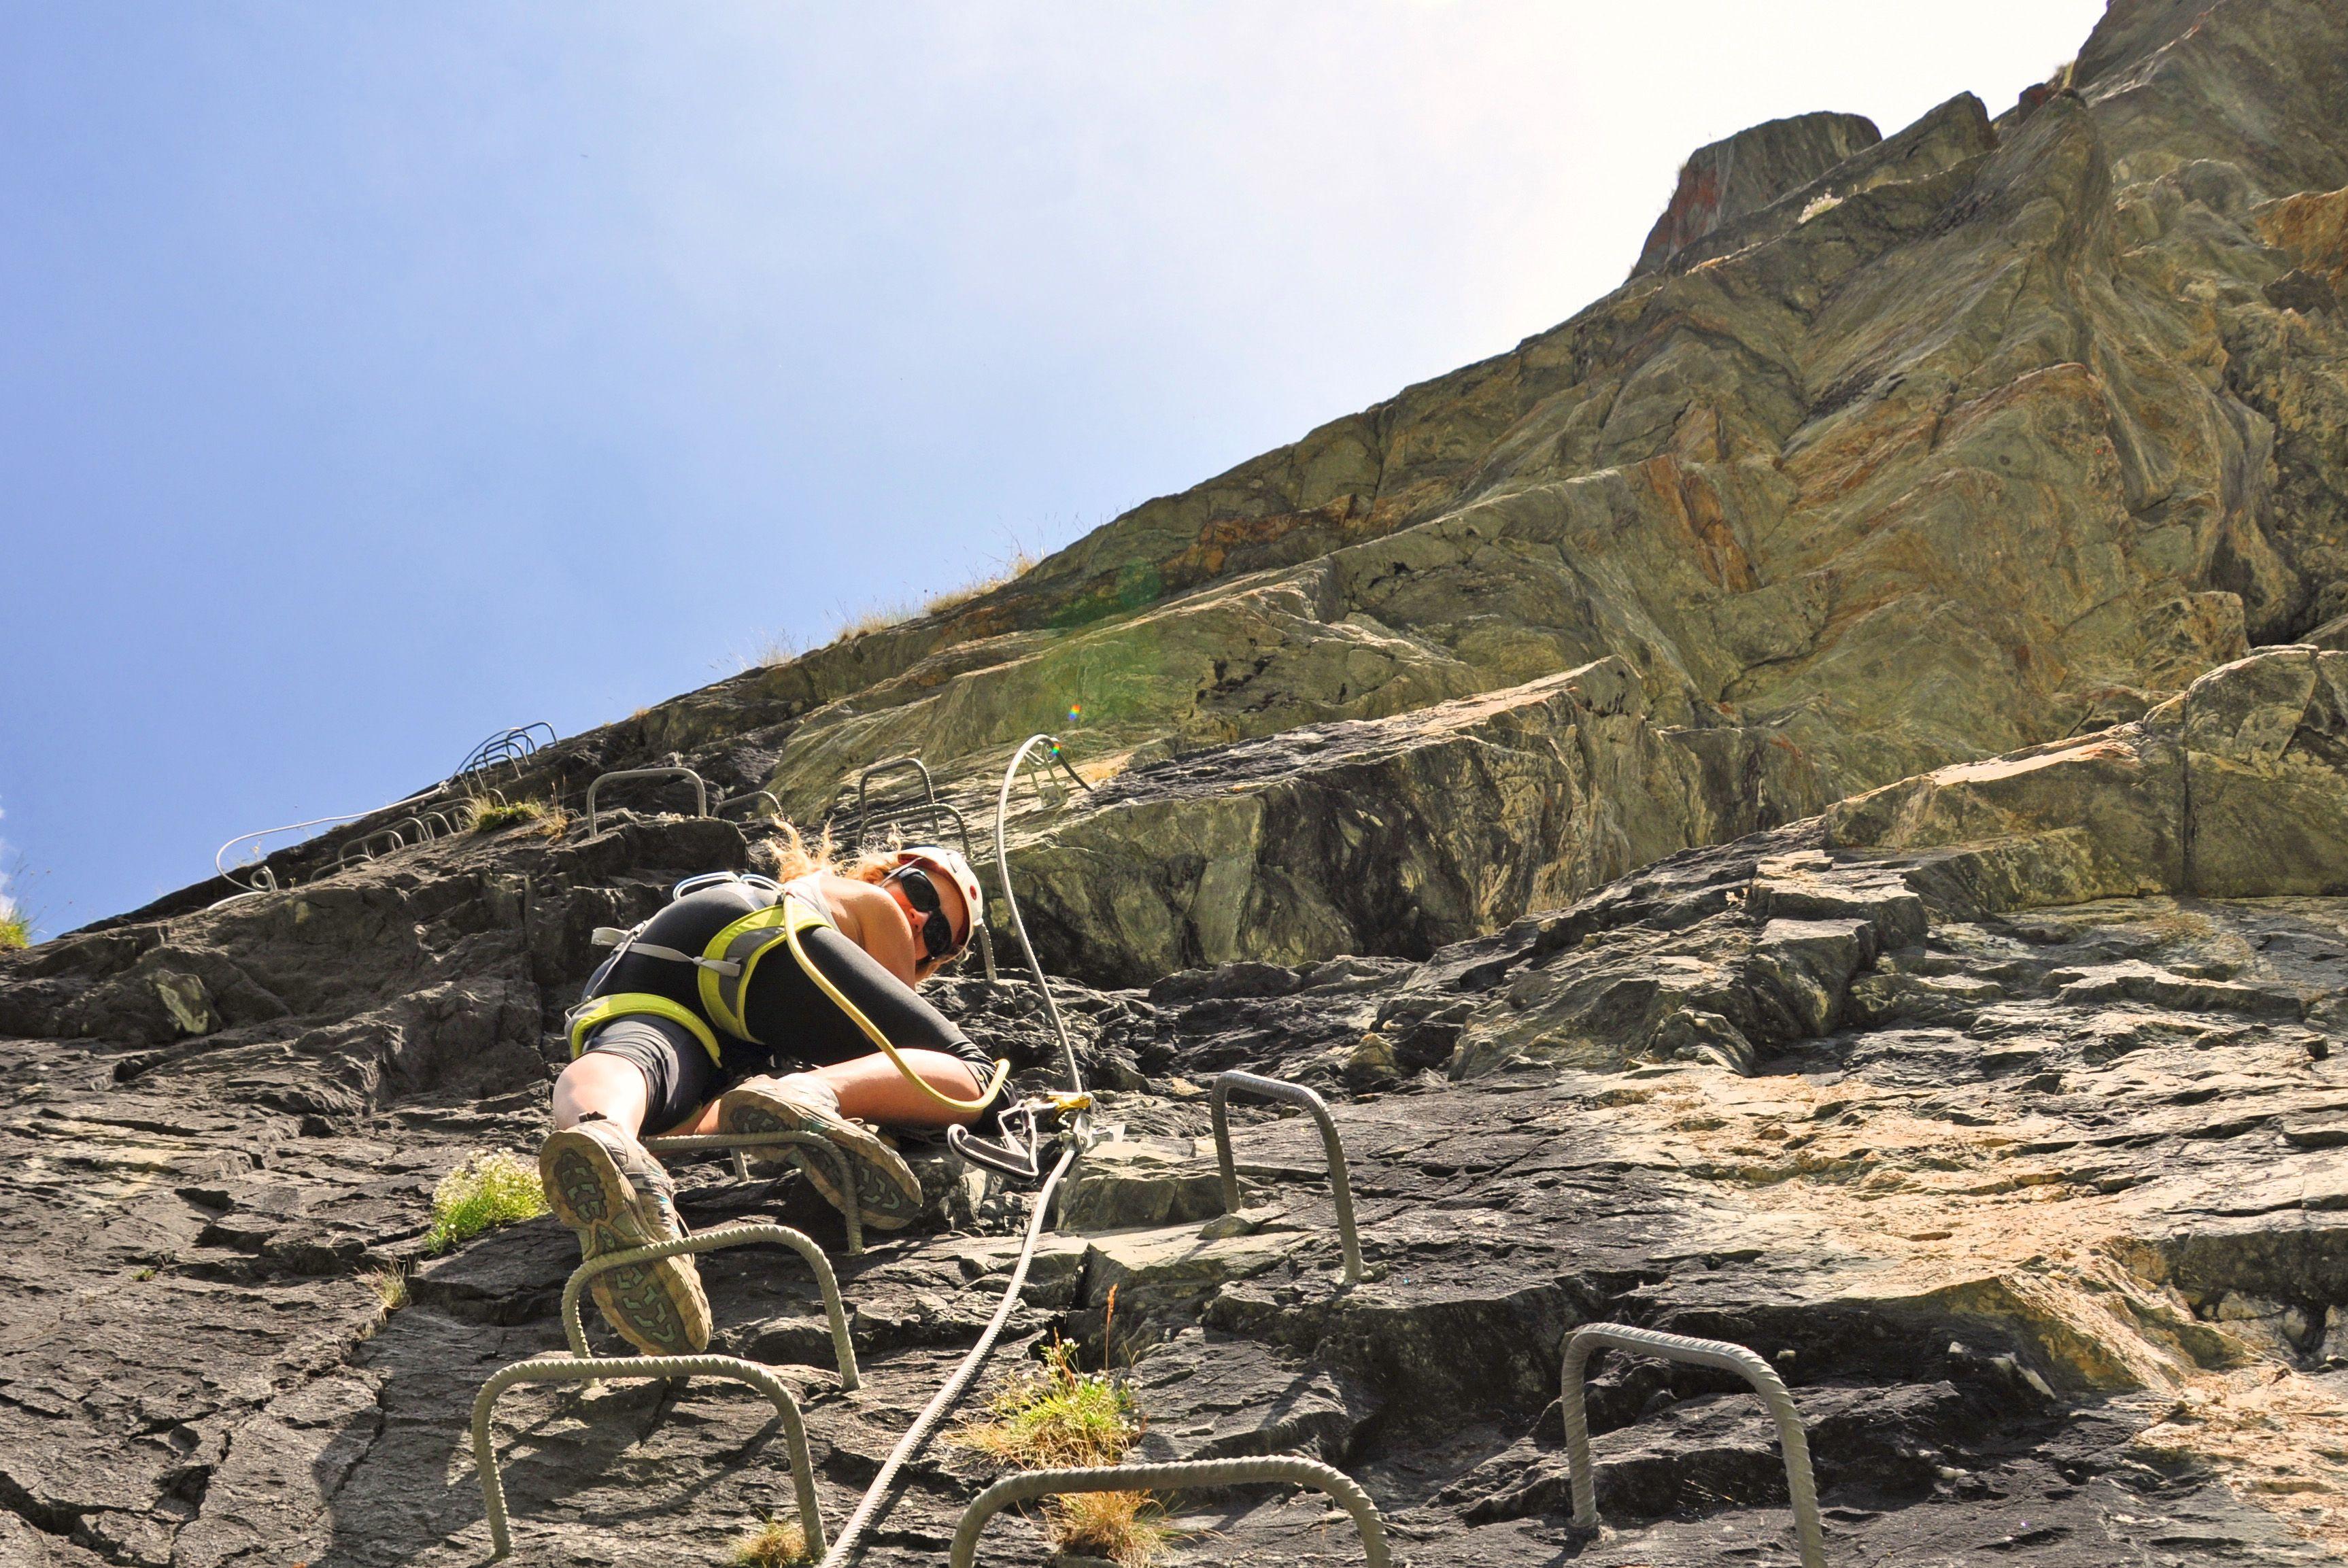 Klettersteig Via Ferrata : Klettersteige die dich schwindelig machen red bull